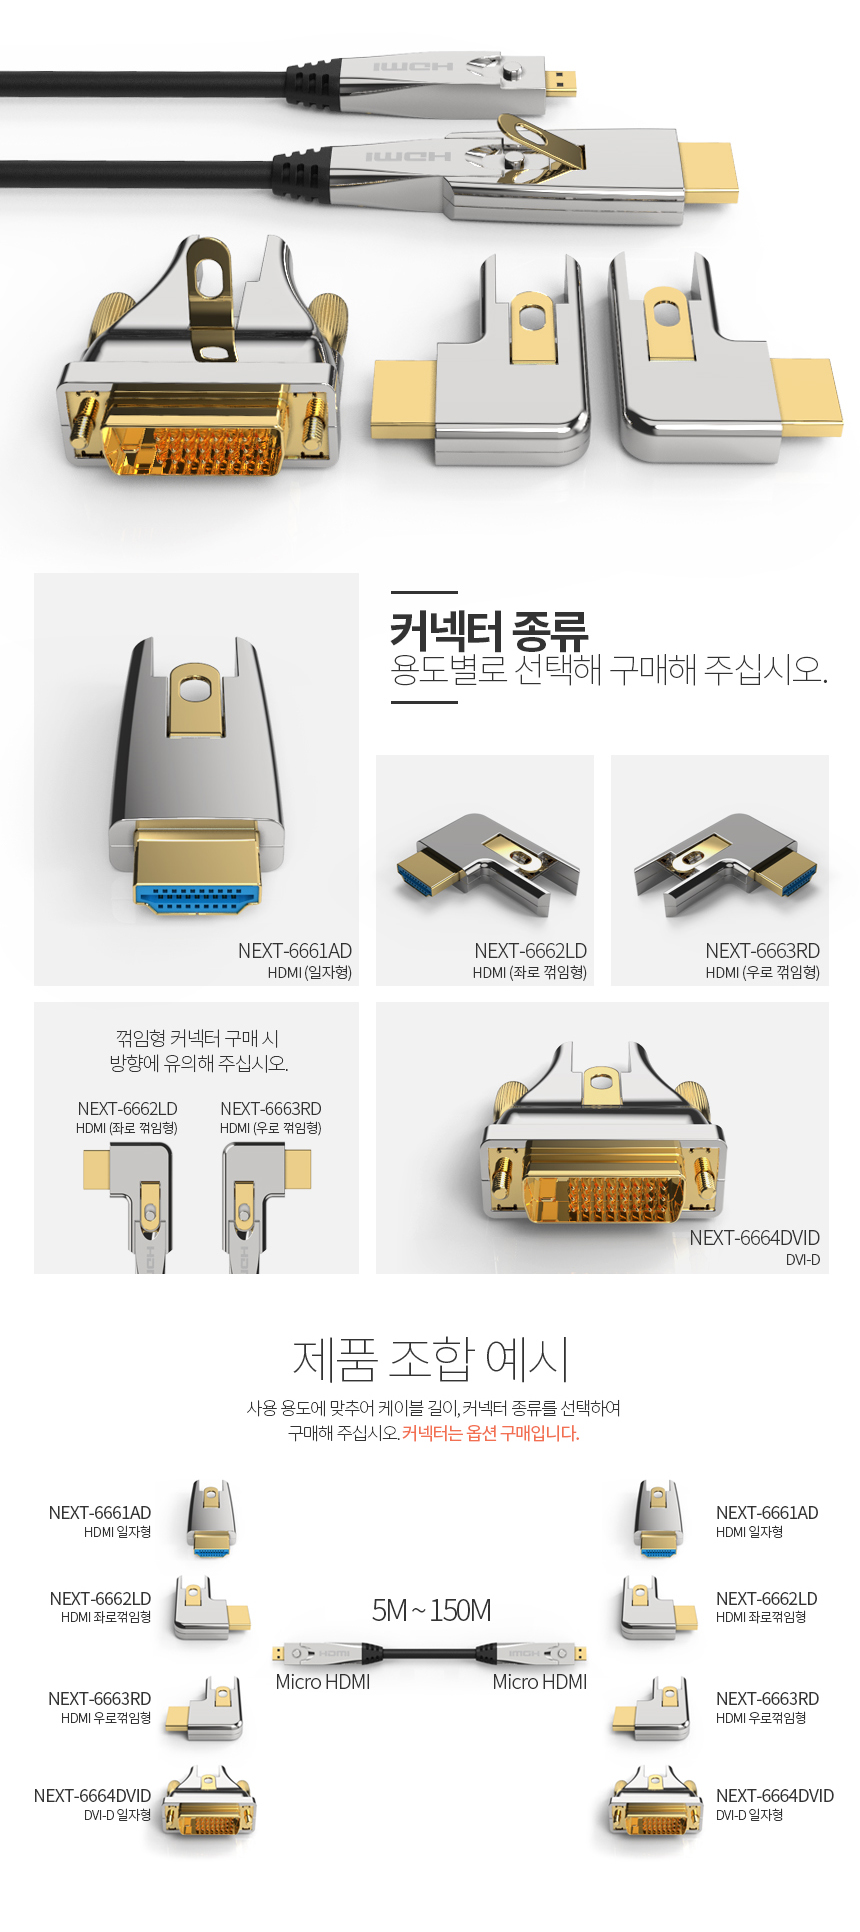 이지넷유비쿼터스  Micro HDMI to DVI-D 일자형 젠더 (NEXT-6664DVID)